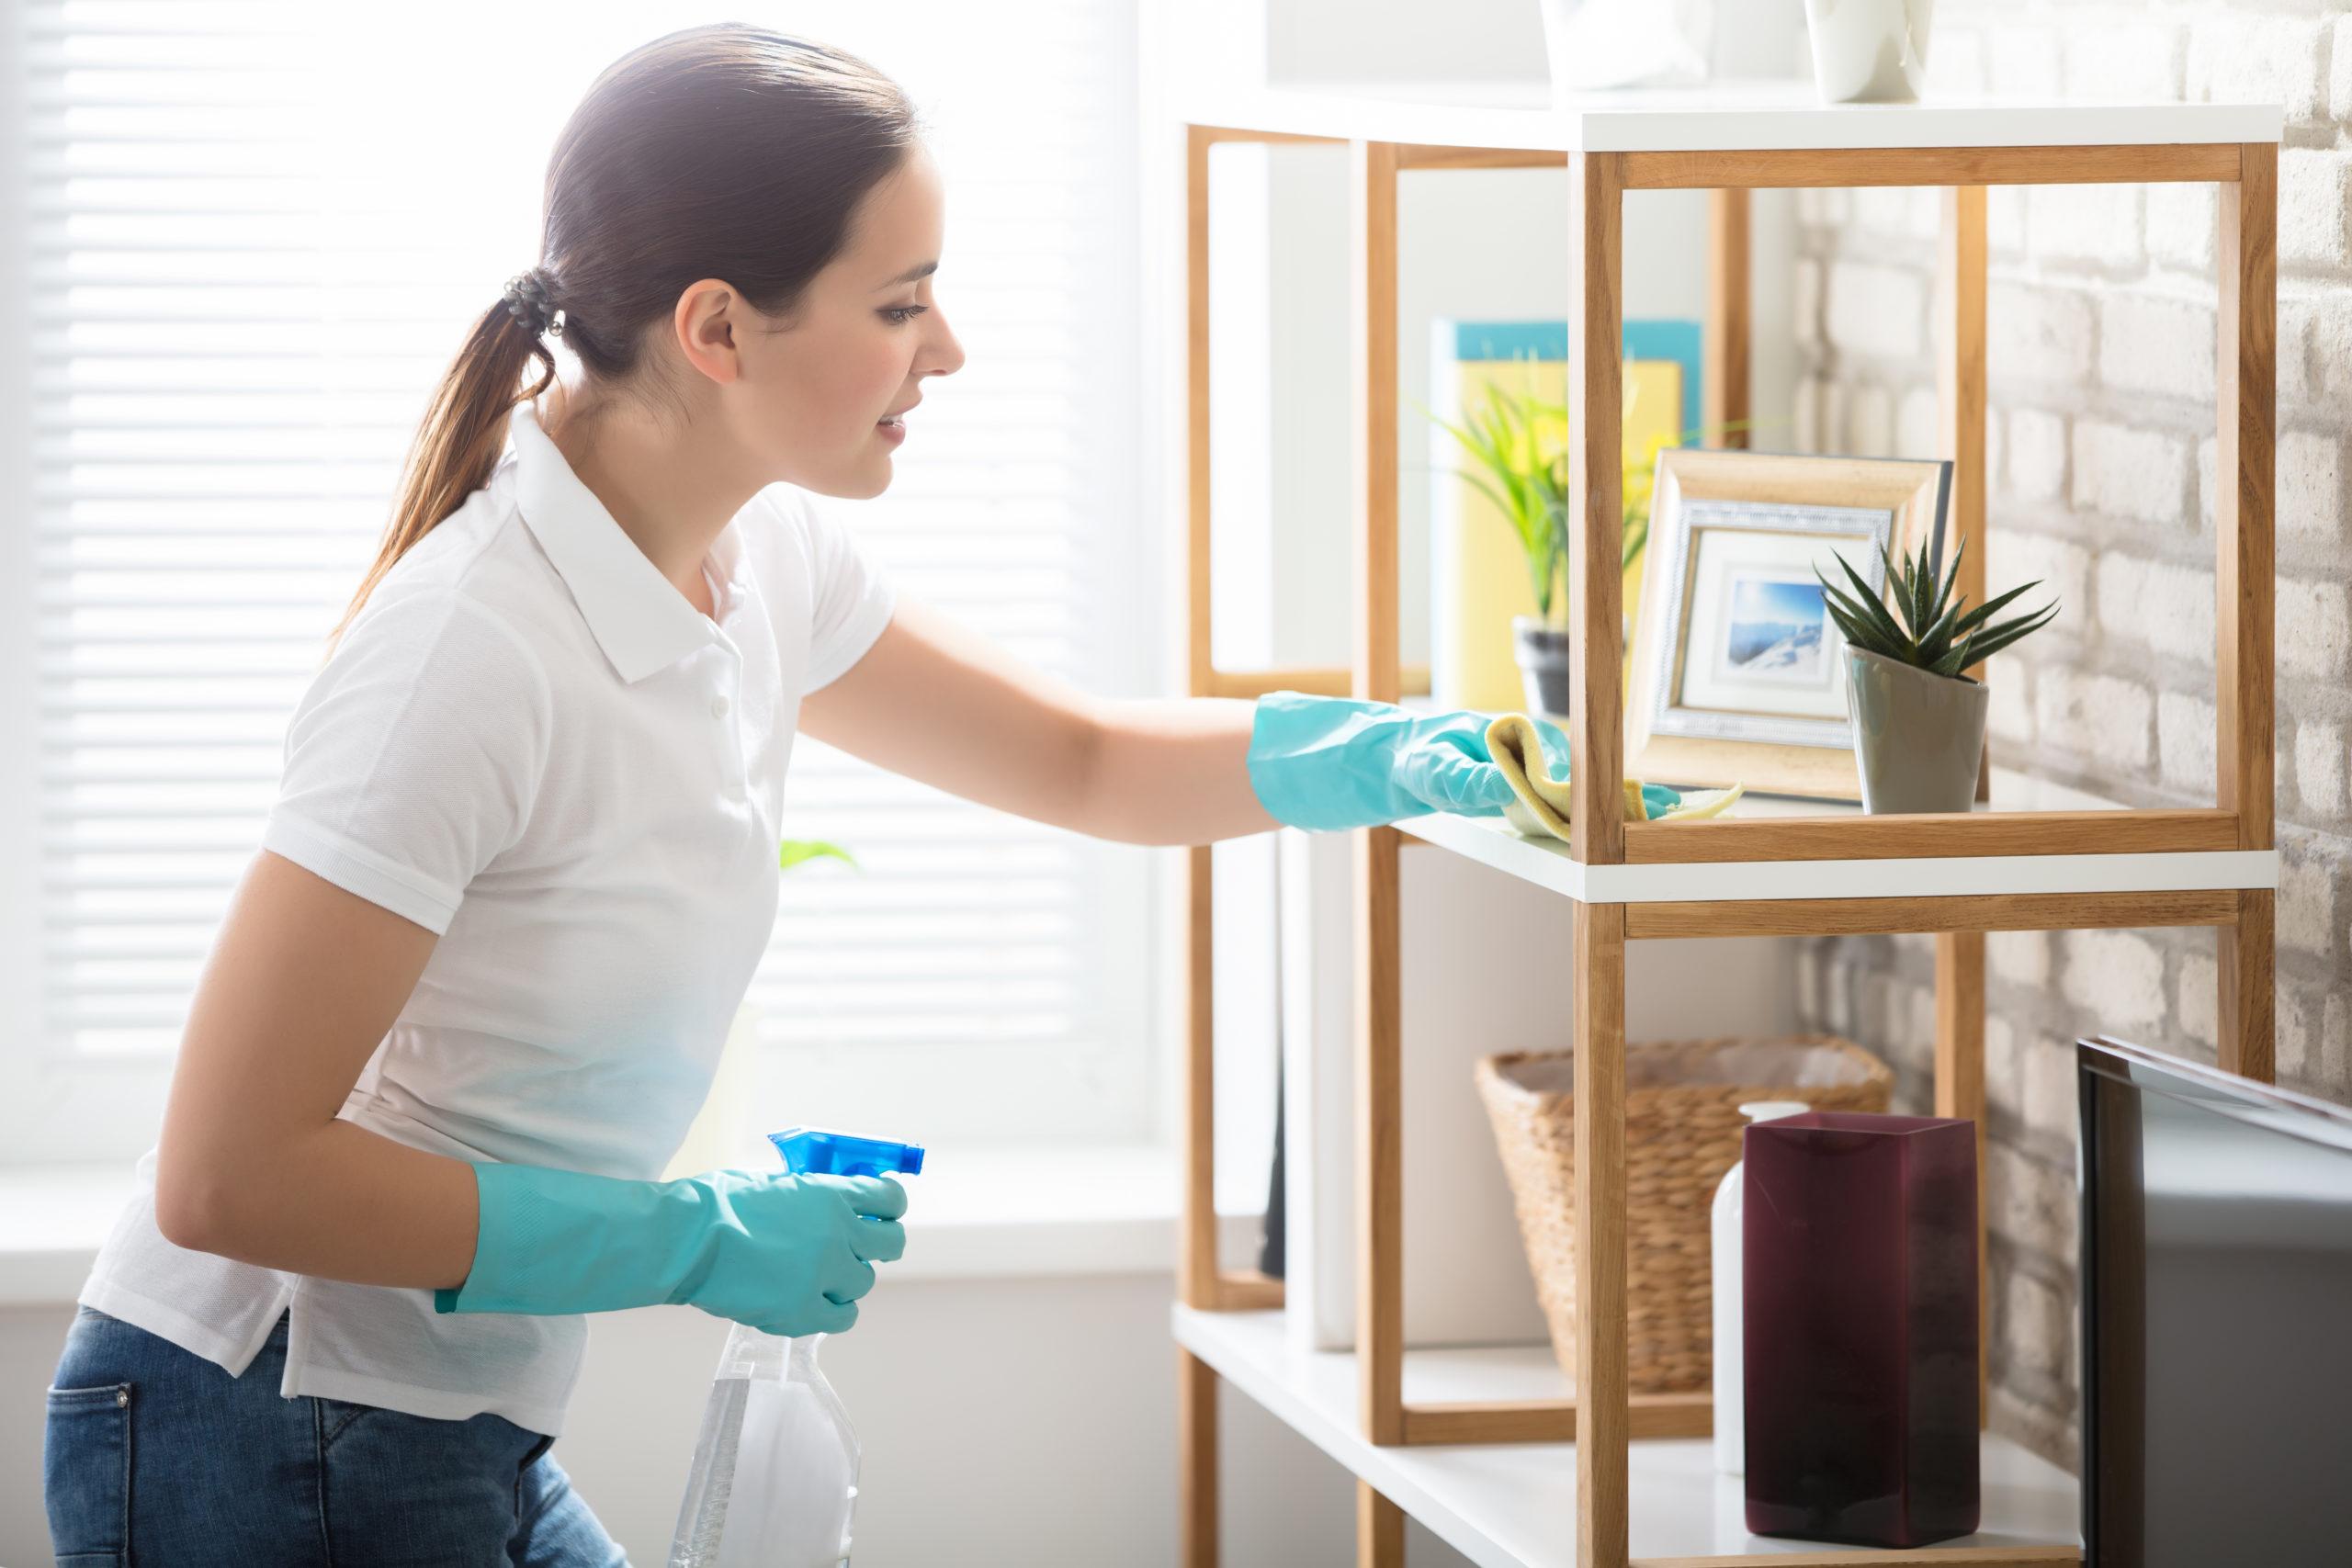 limpieza-fondo-vivienda-covid19